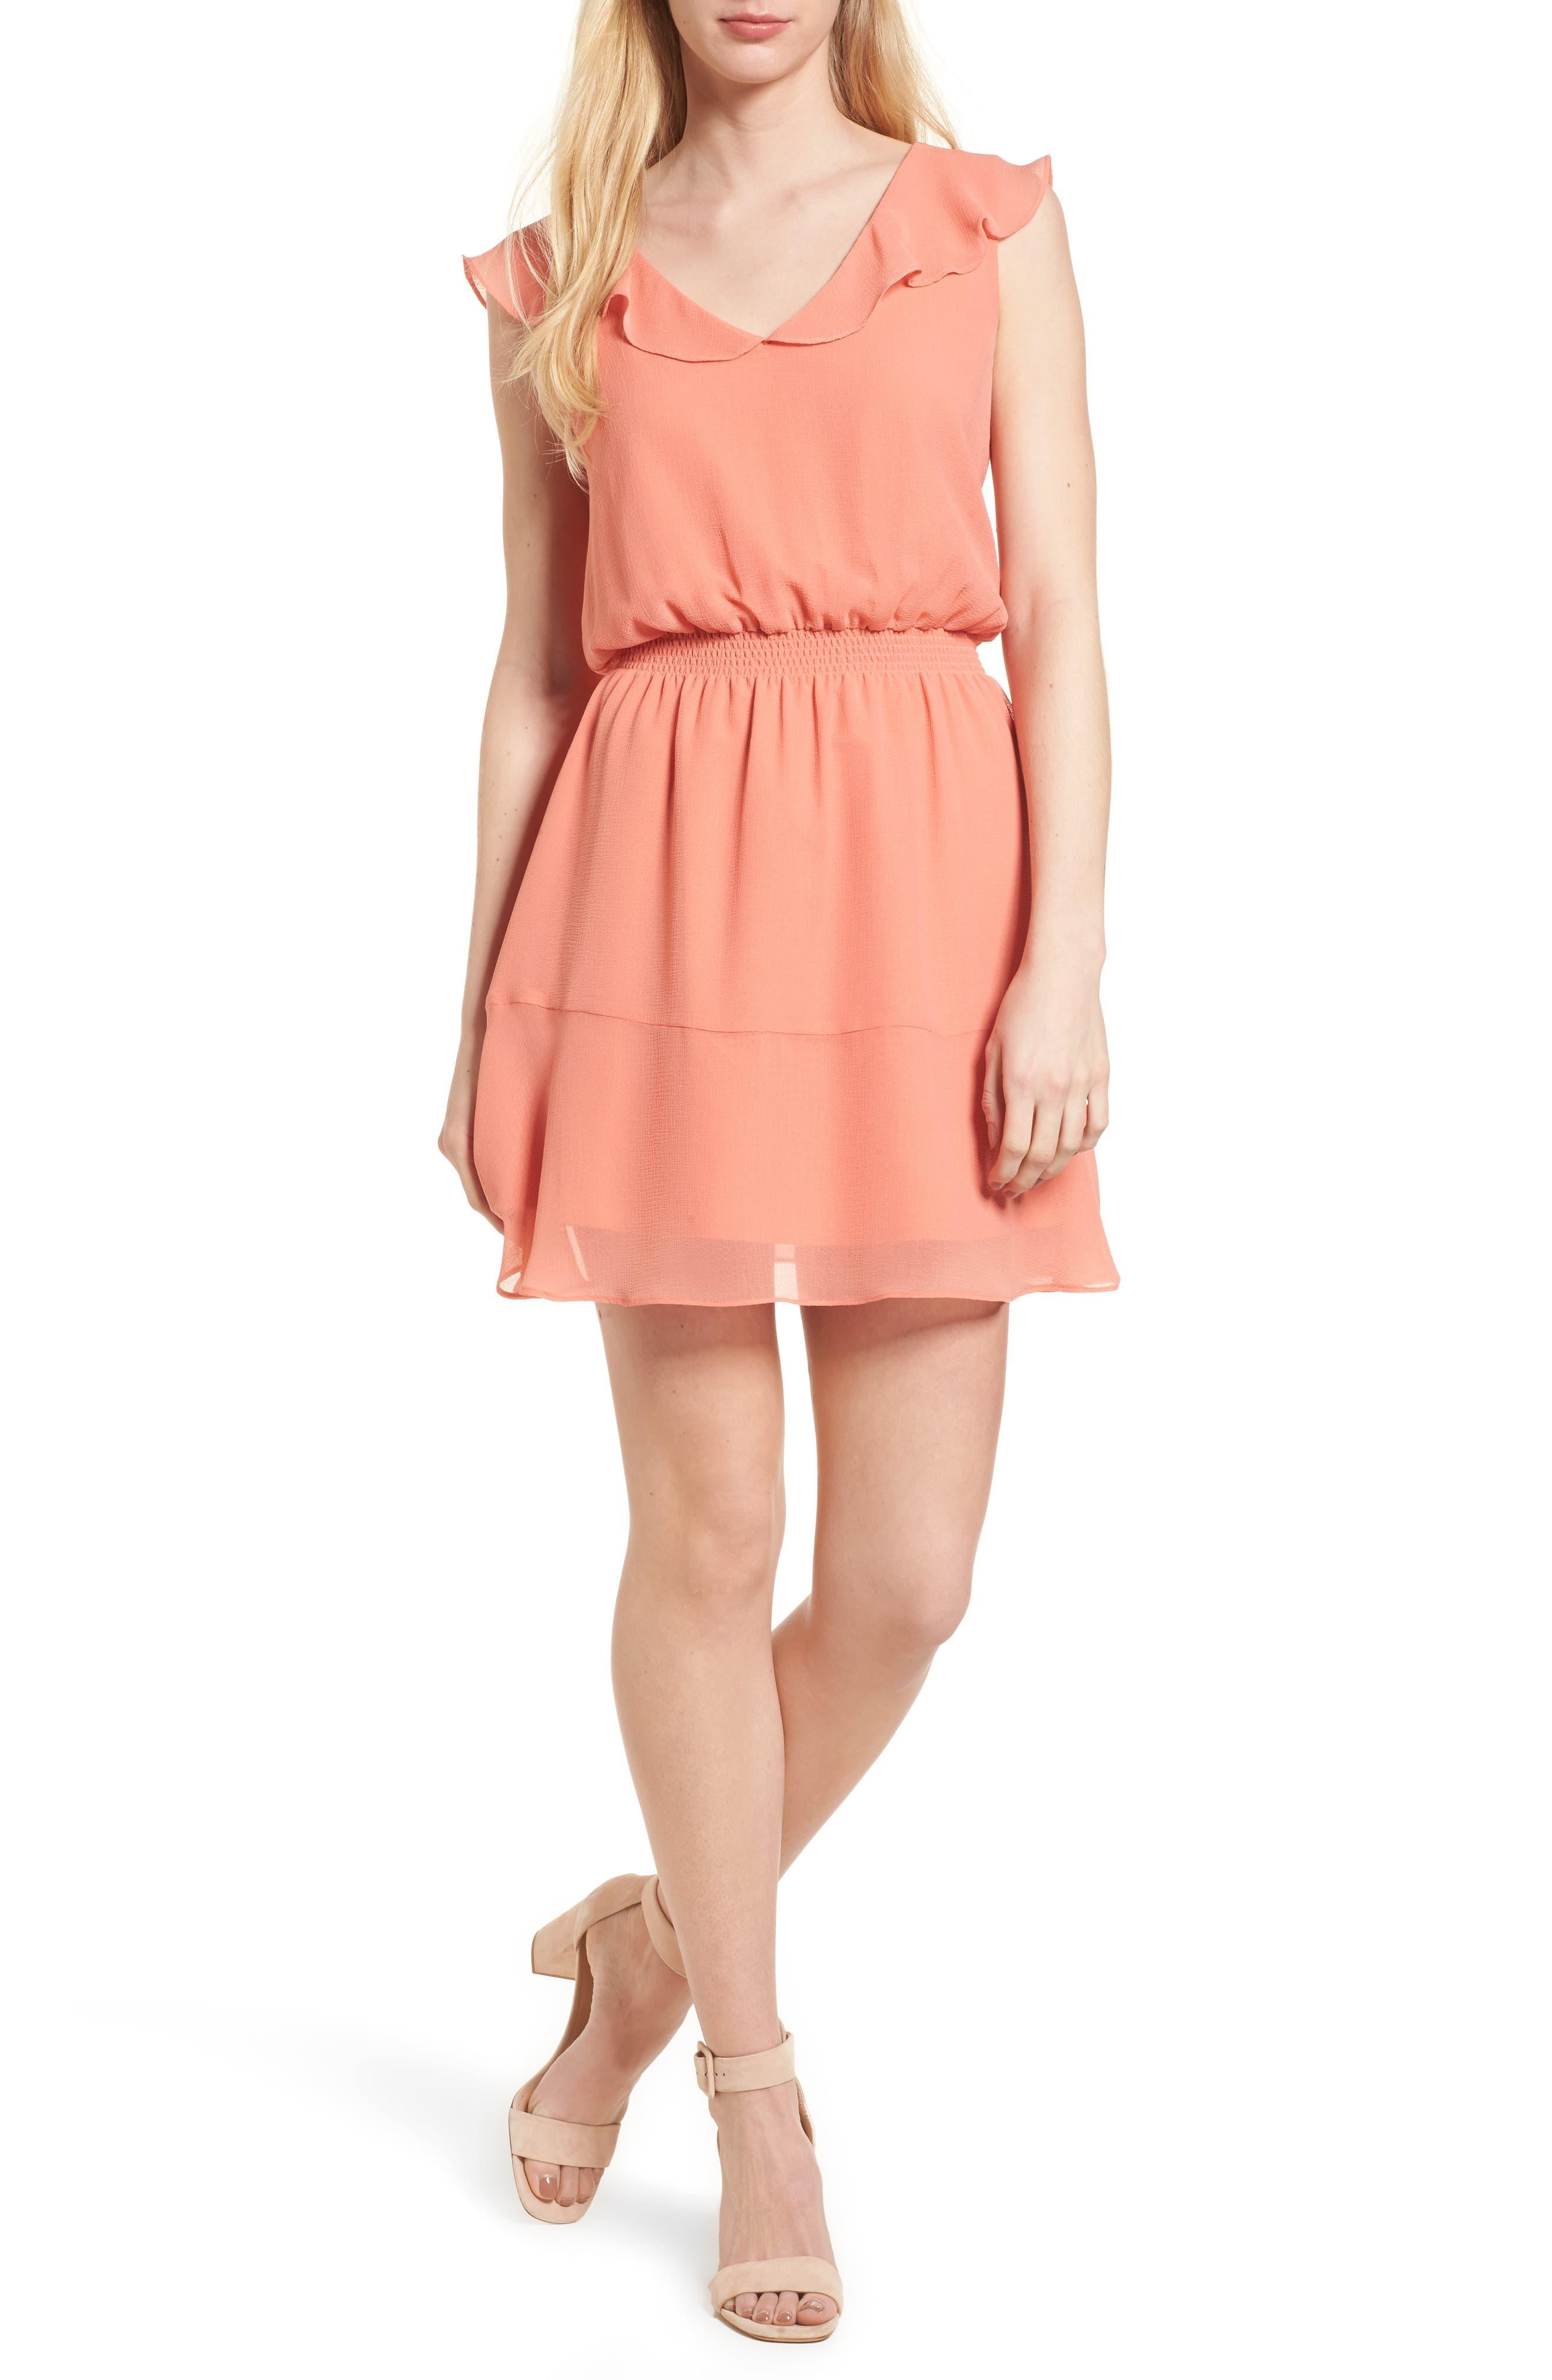 Iniko Blouson Dress,                             Main thumbnail 1, color,                             Spring Coral